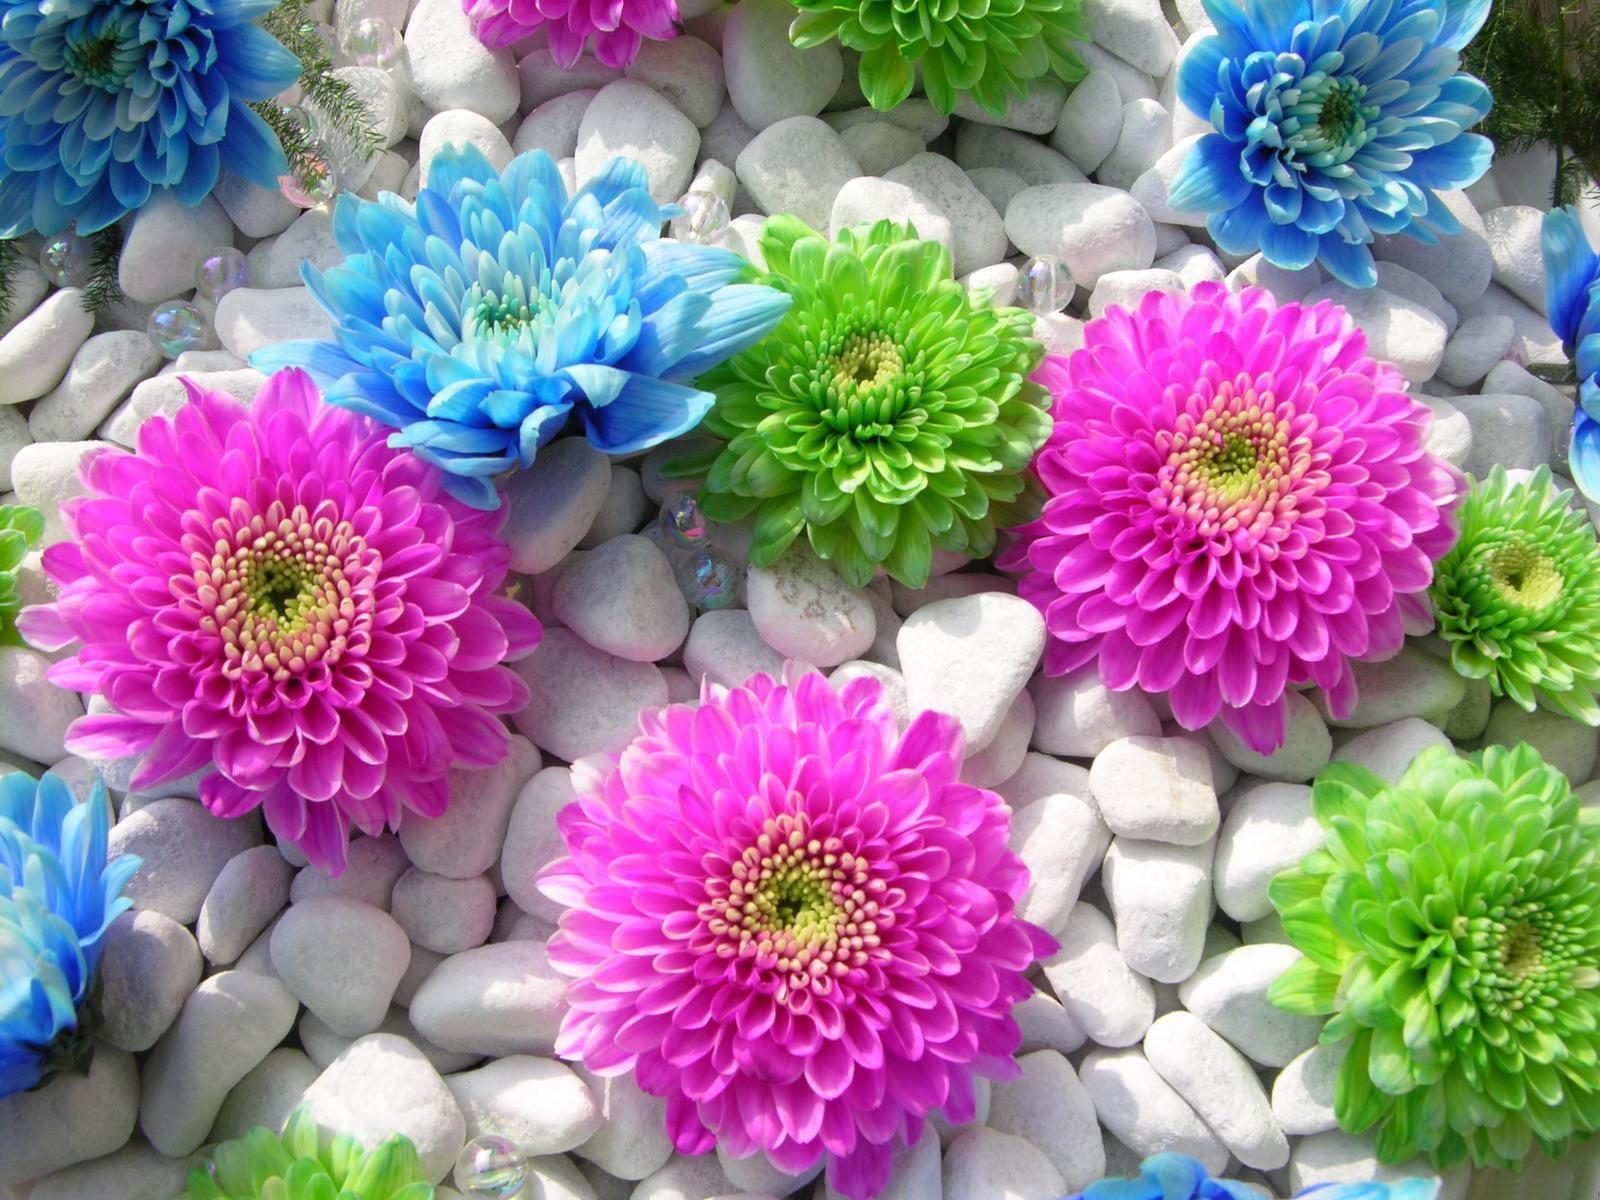 بالصور احلى صور ورد , اجمل واروع صور الورود فى العالم 5699 10